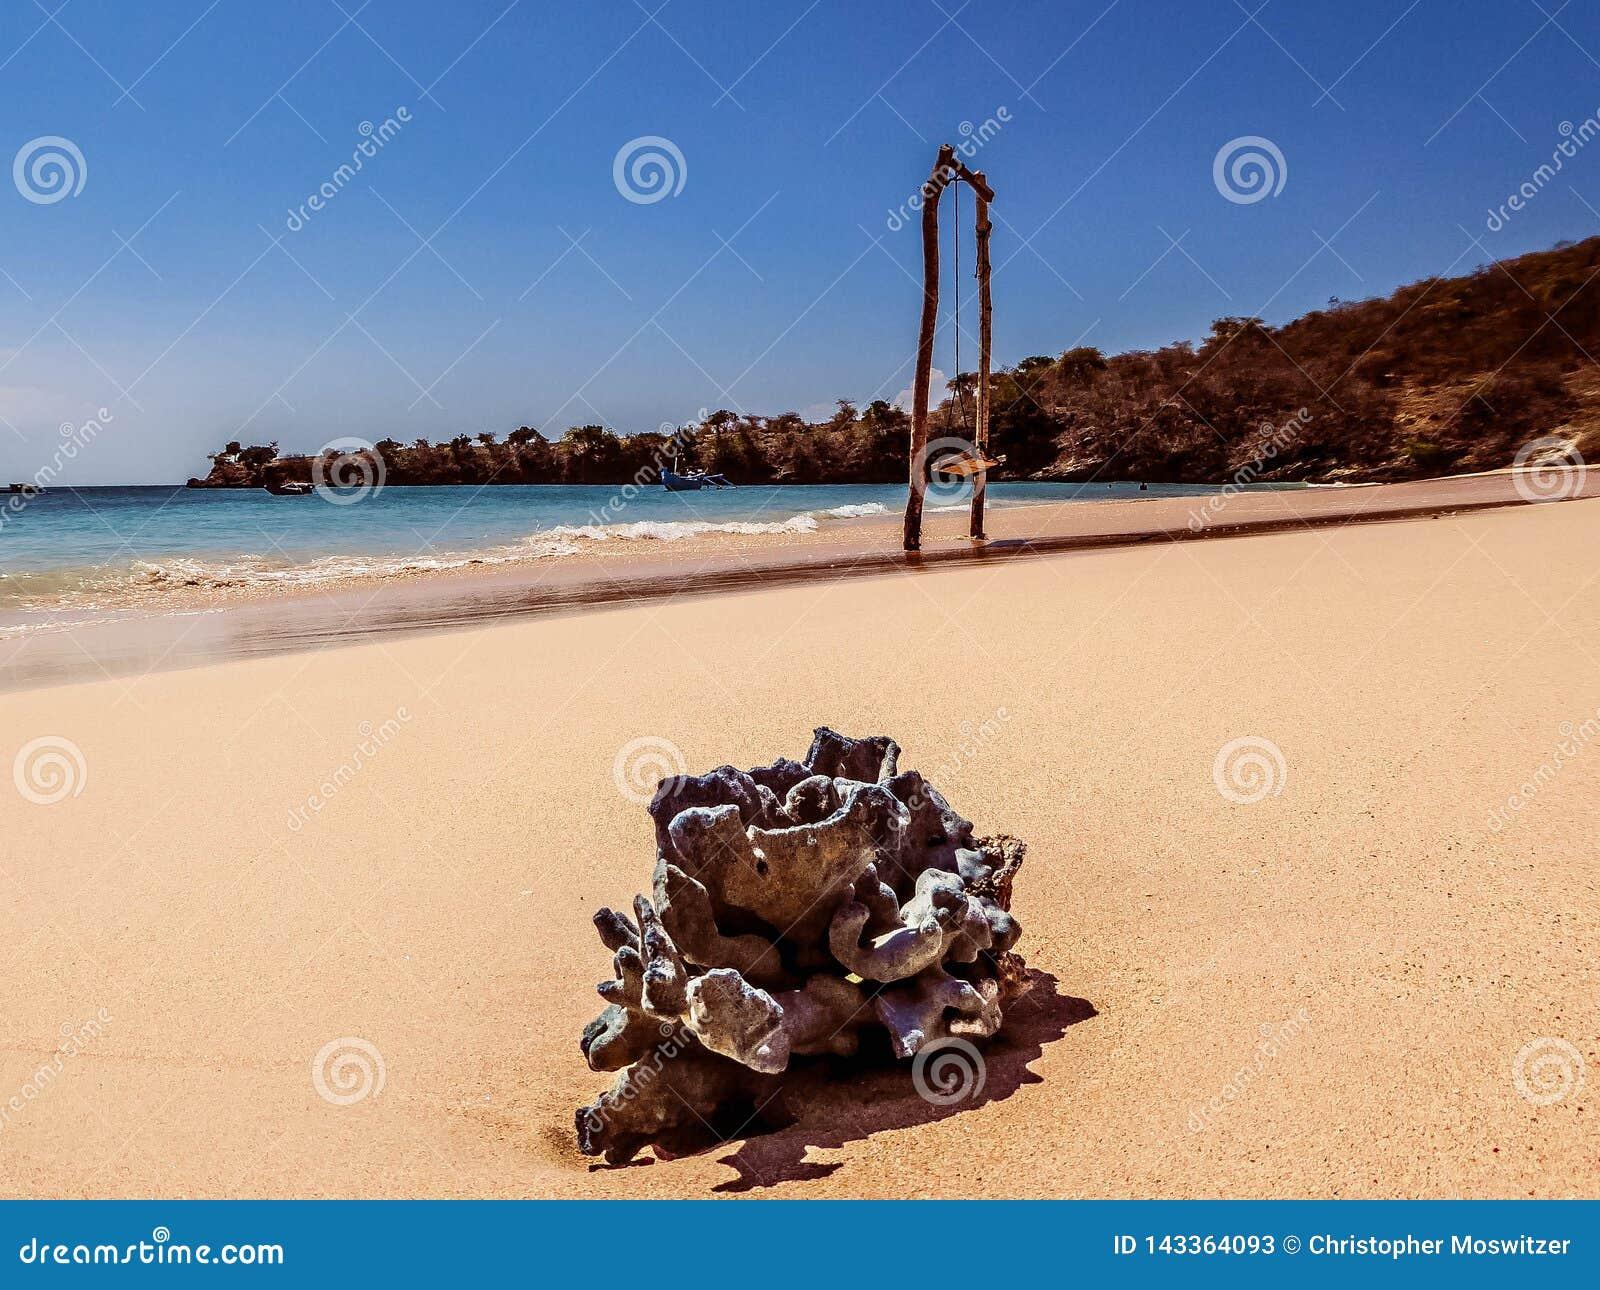 Indonezja - huśtawka na Różowej plaży